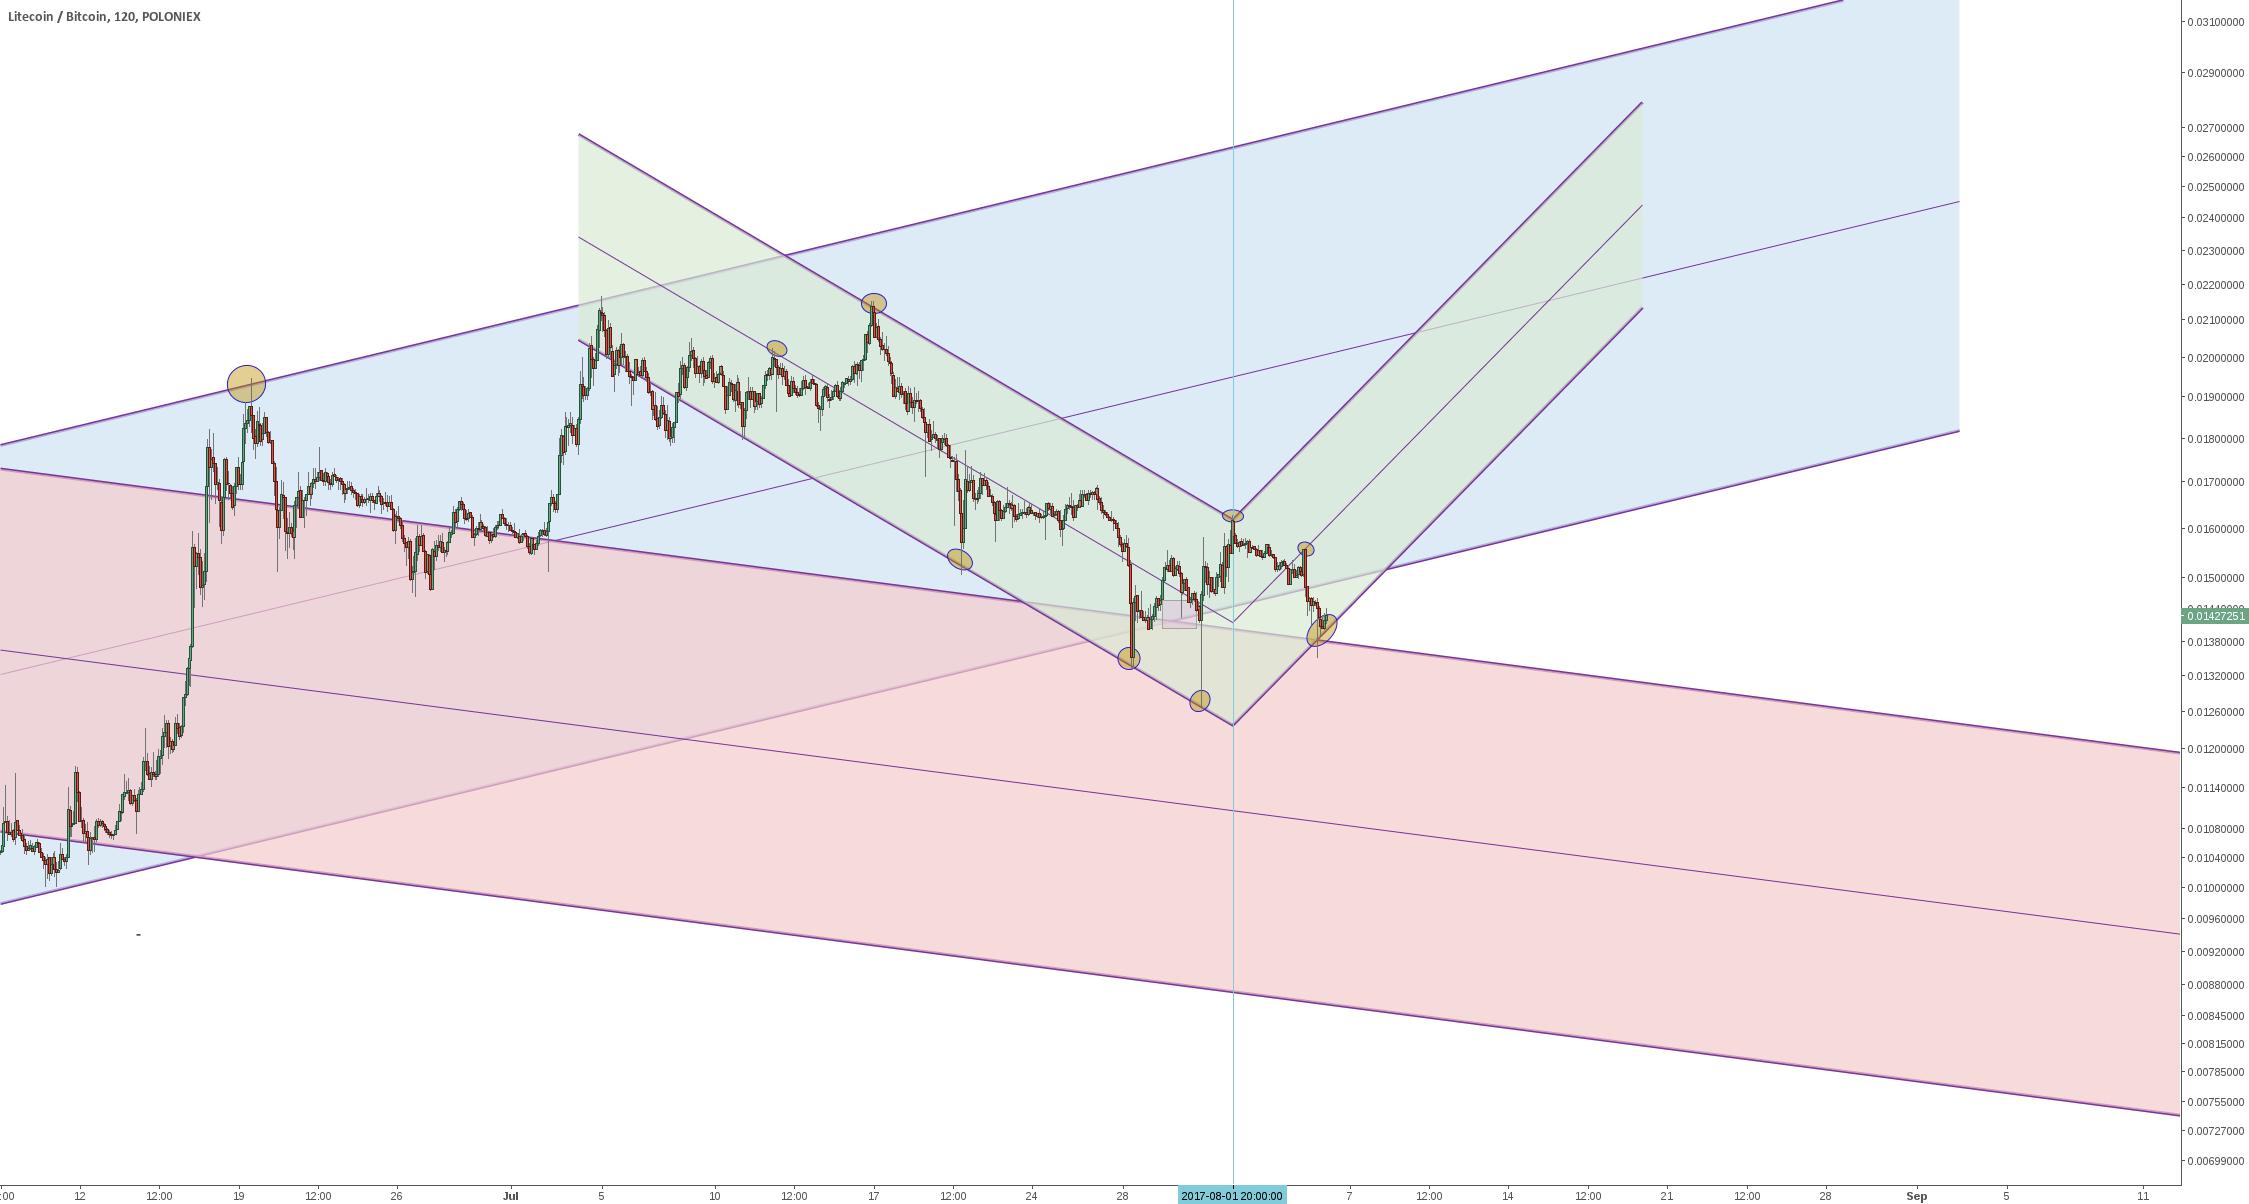 Lite/Bitcoin - a possible future trend channel